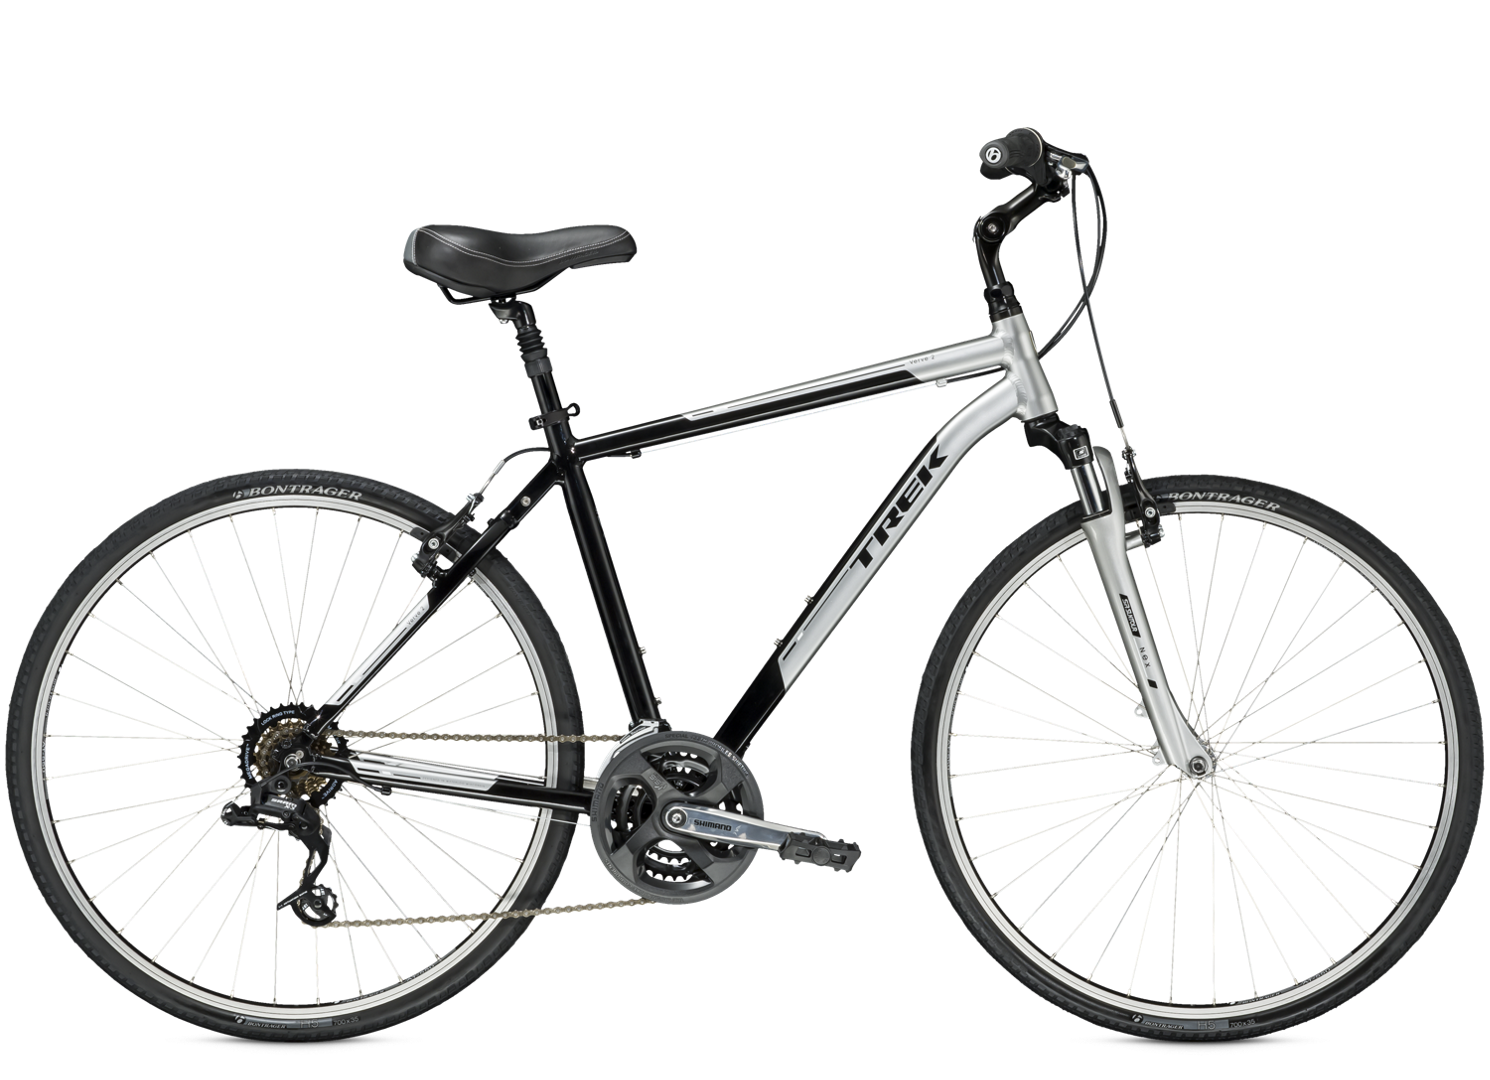 Verve 2 Trek Bicycle Hybrid Bicycle Trek Bicycle Hybrid Bike